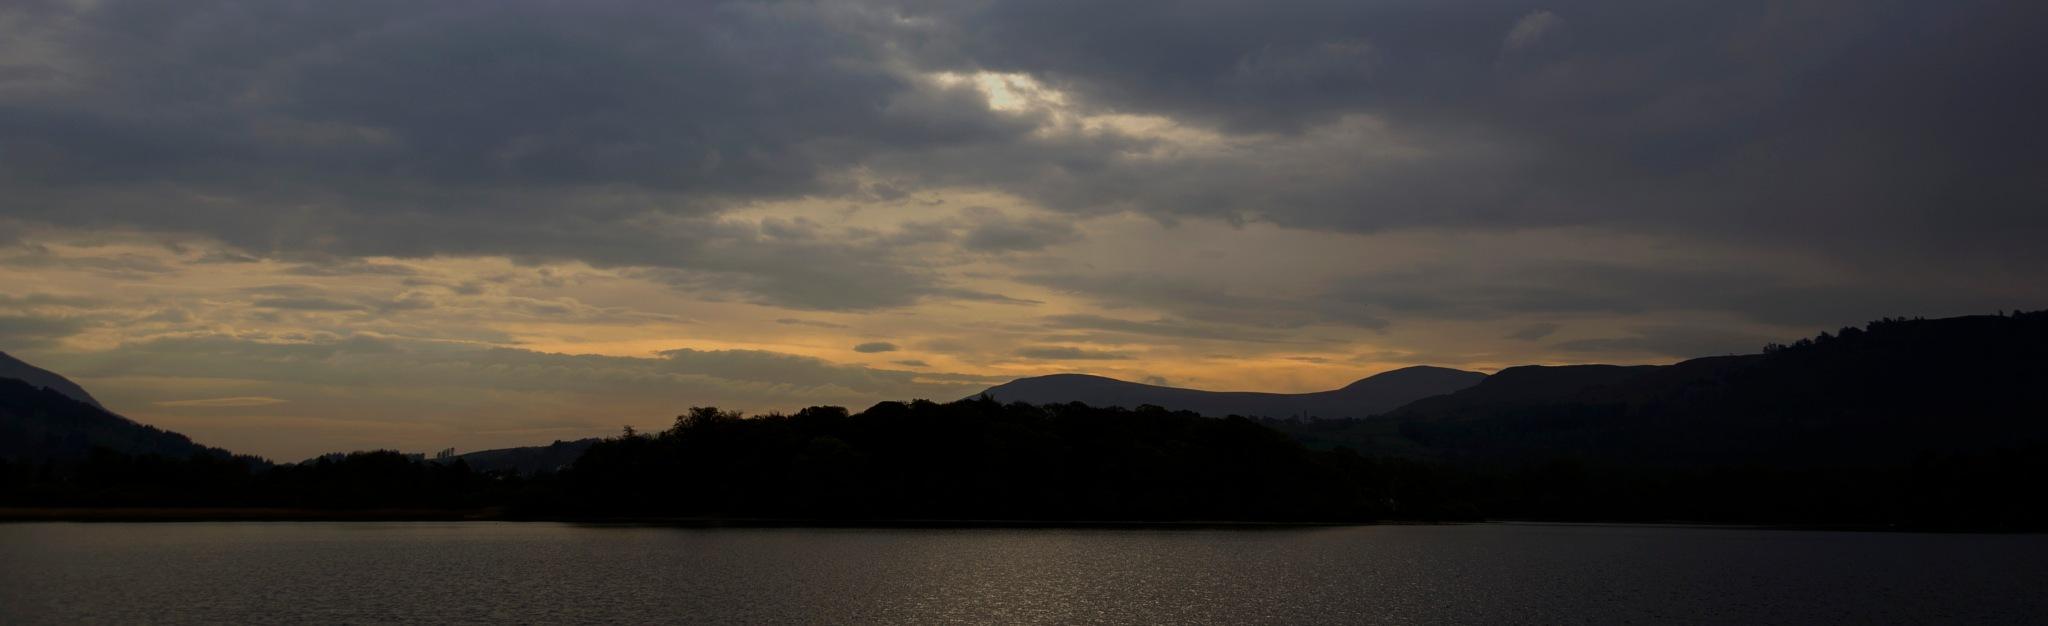 Sunrise by trevor keville